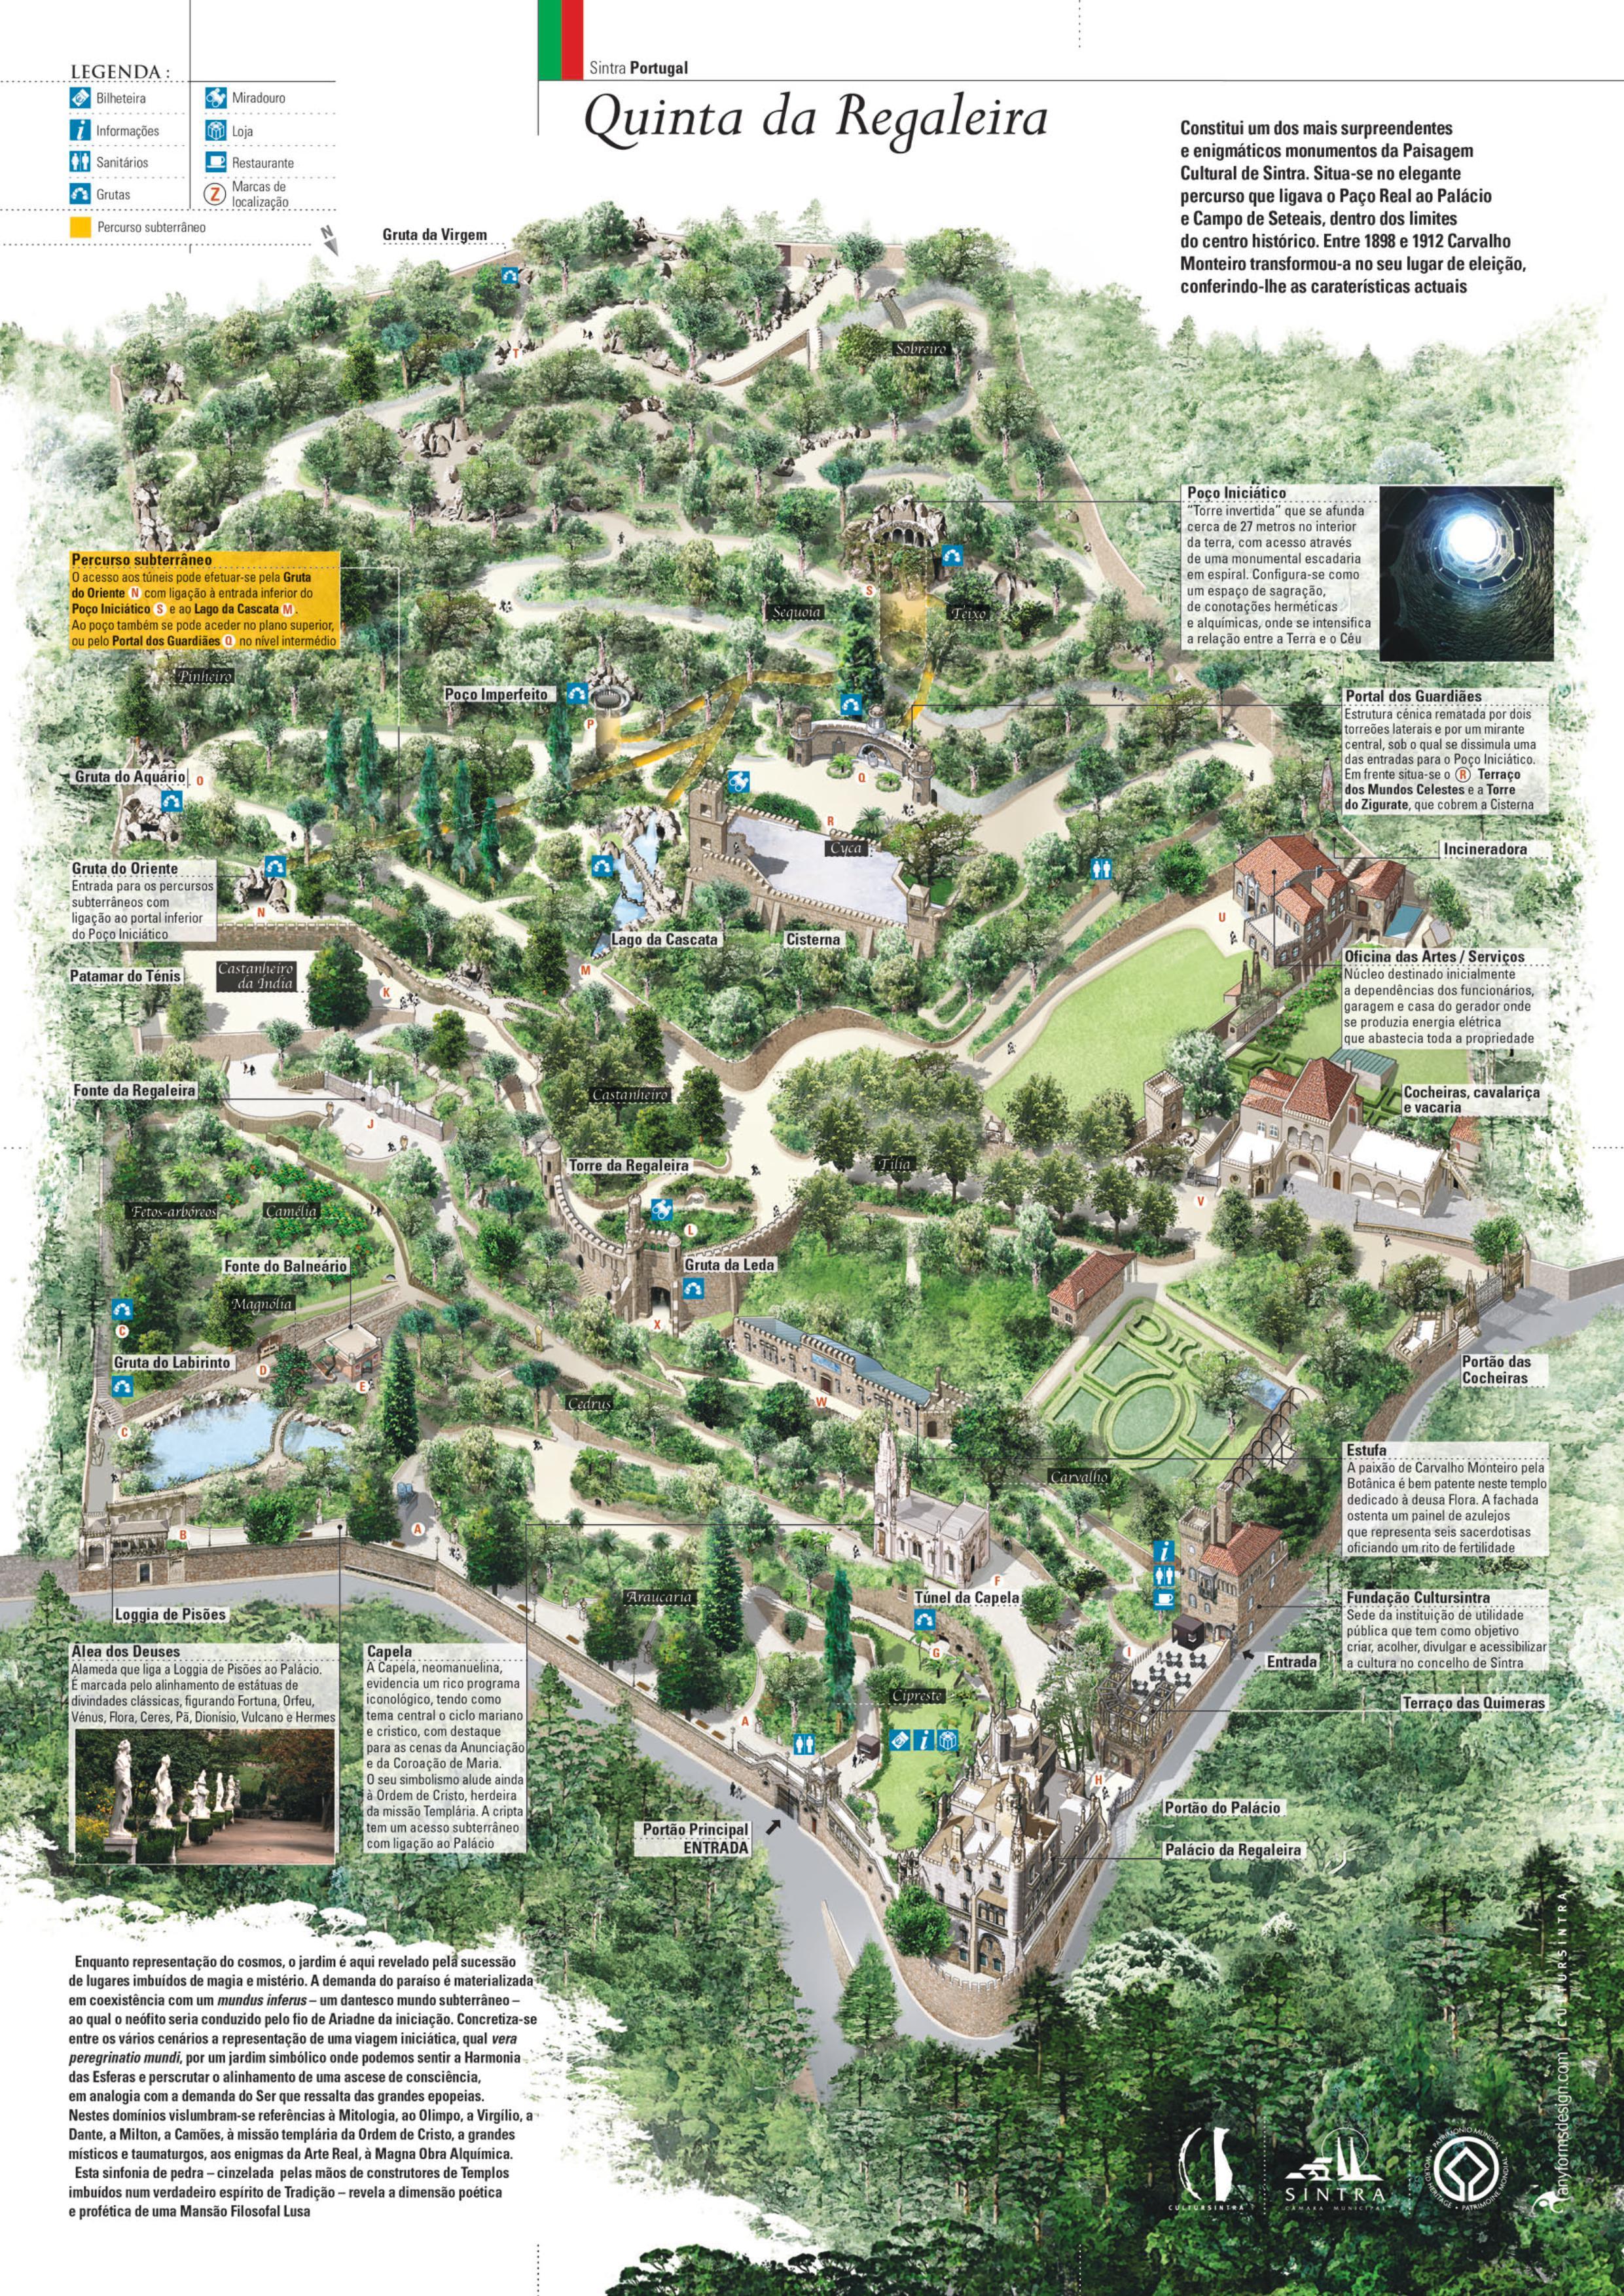 Mapa da Quinta da Regaleira - Sintra -Portugal